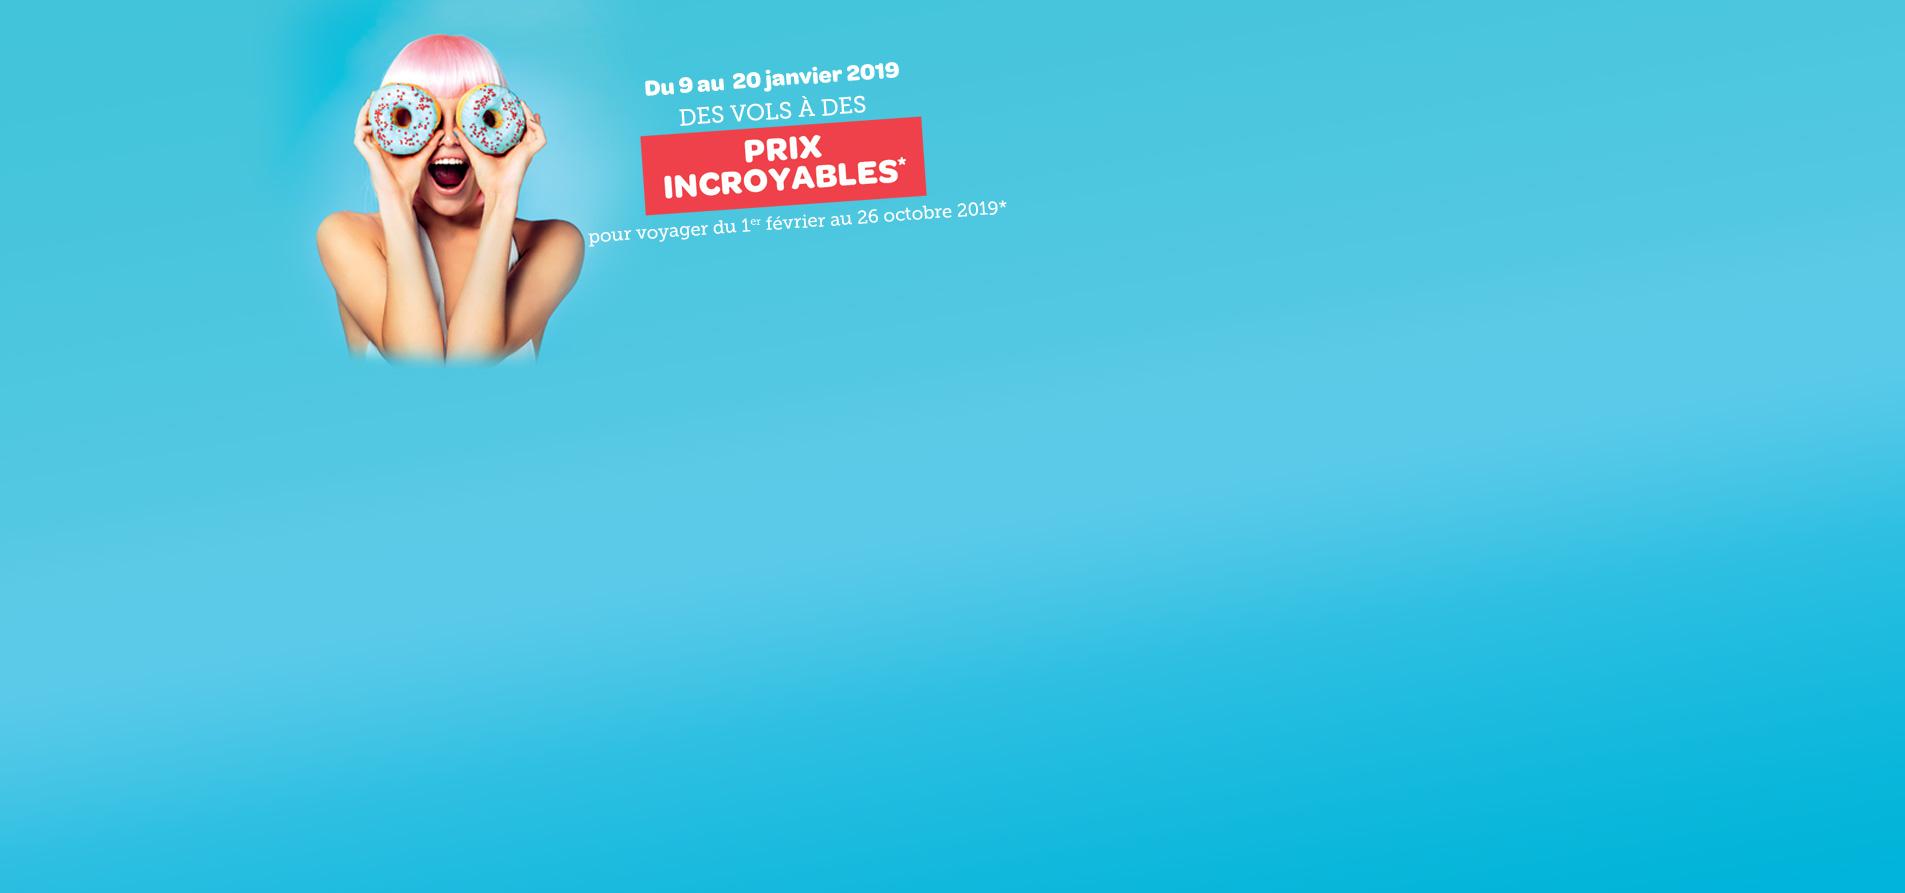 Les prix incroyables d'Air Corsica du 9 au 20 janvier 2019